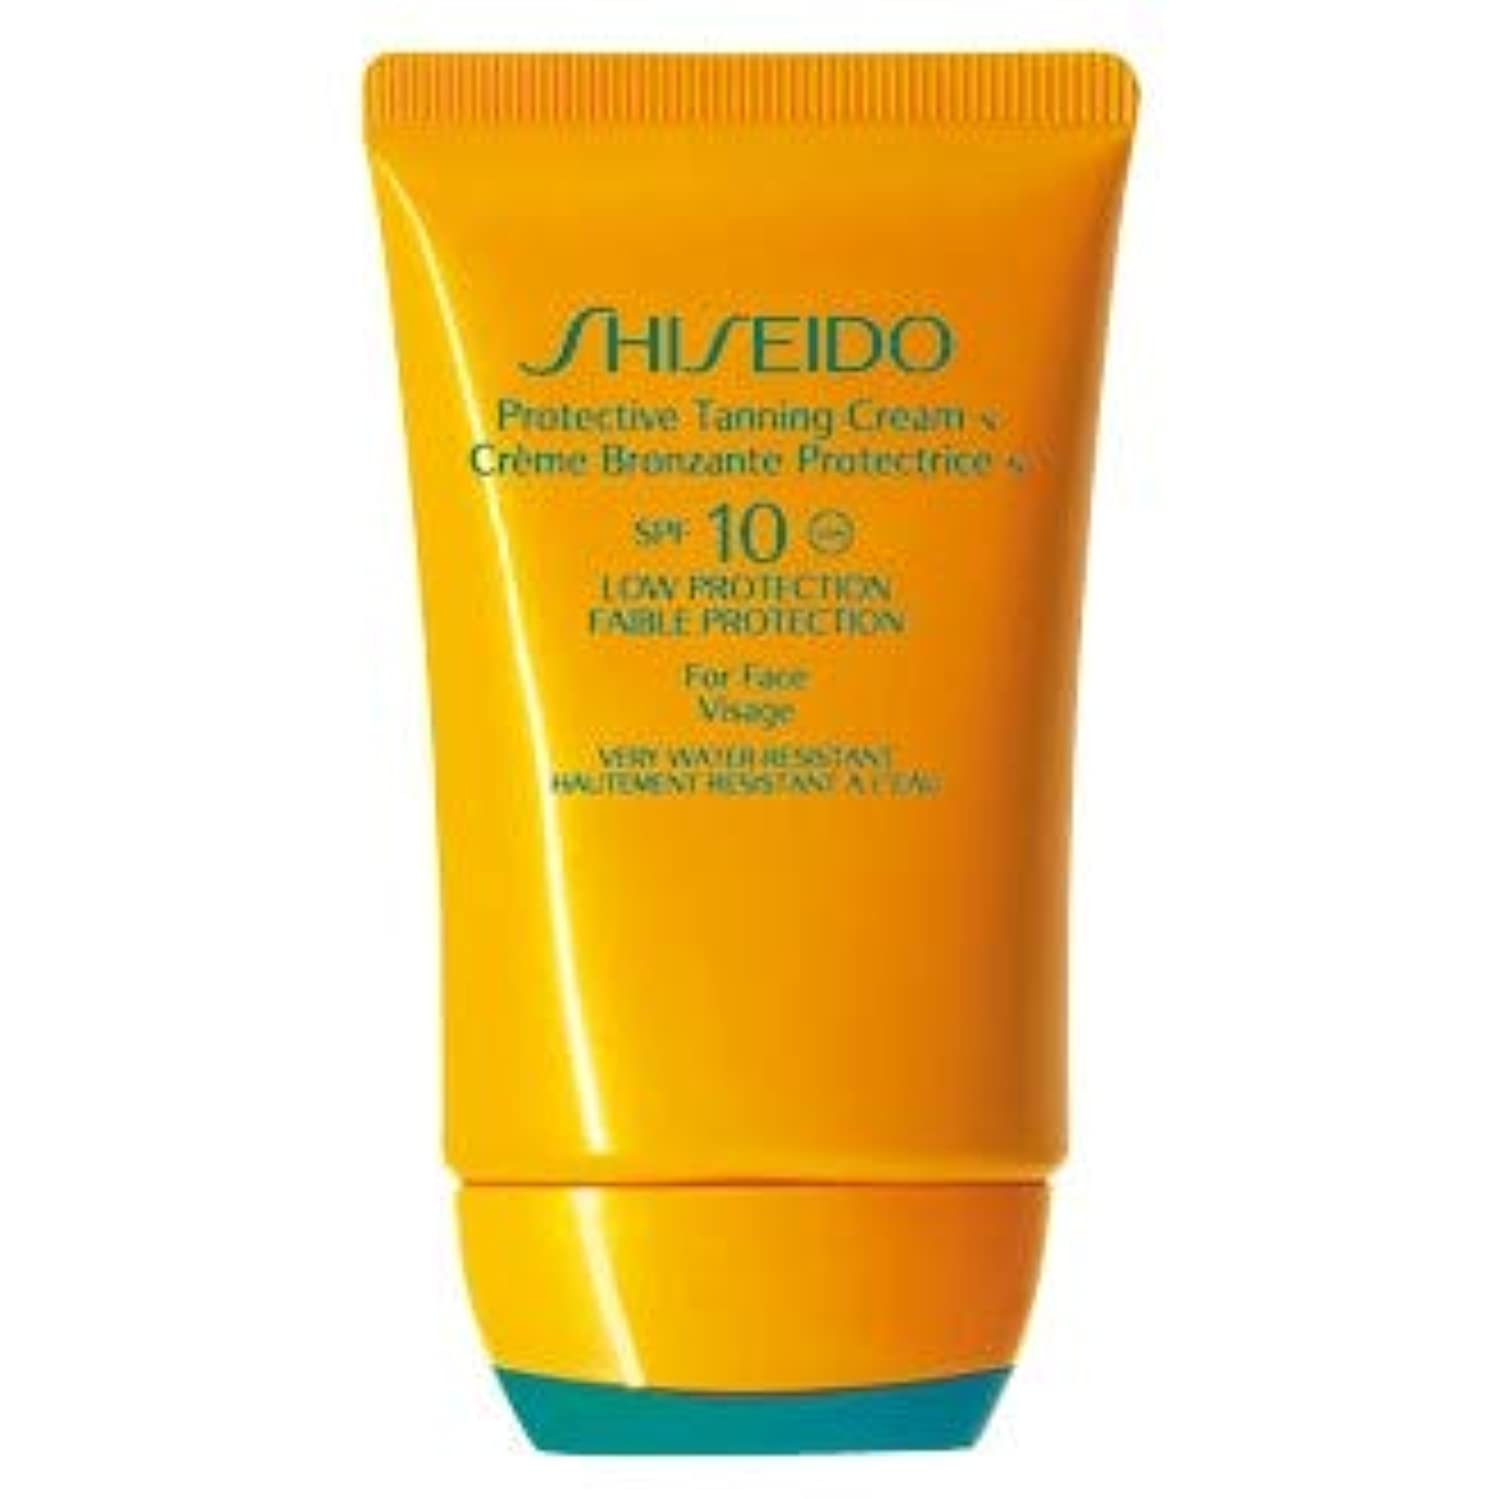 贅沢なミトン仲良し[Shiseido] 資生堂保護日焼けクリームN Spf 10 50ミリリットル - Shiseido Protective Tanning Cream N Spf 10 50ml [並行輸入品]